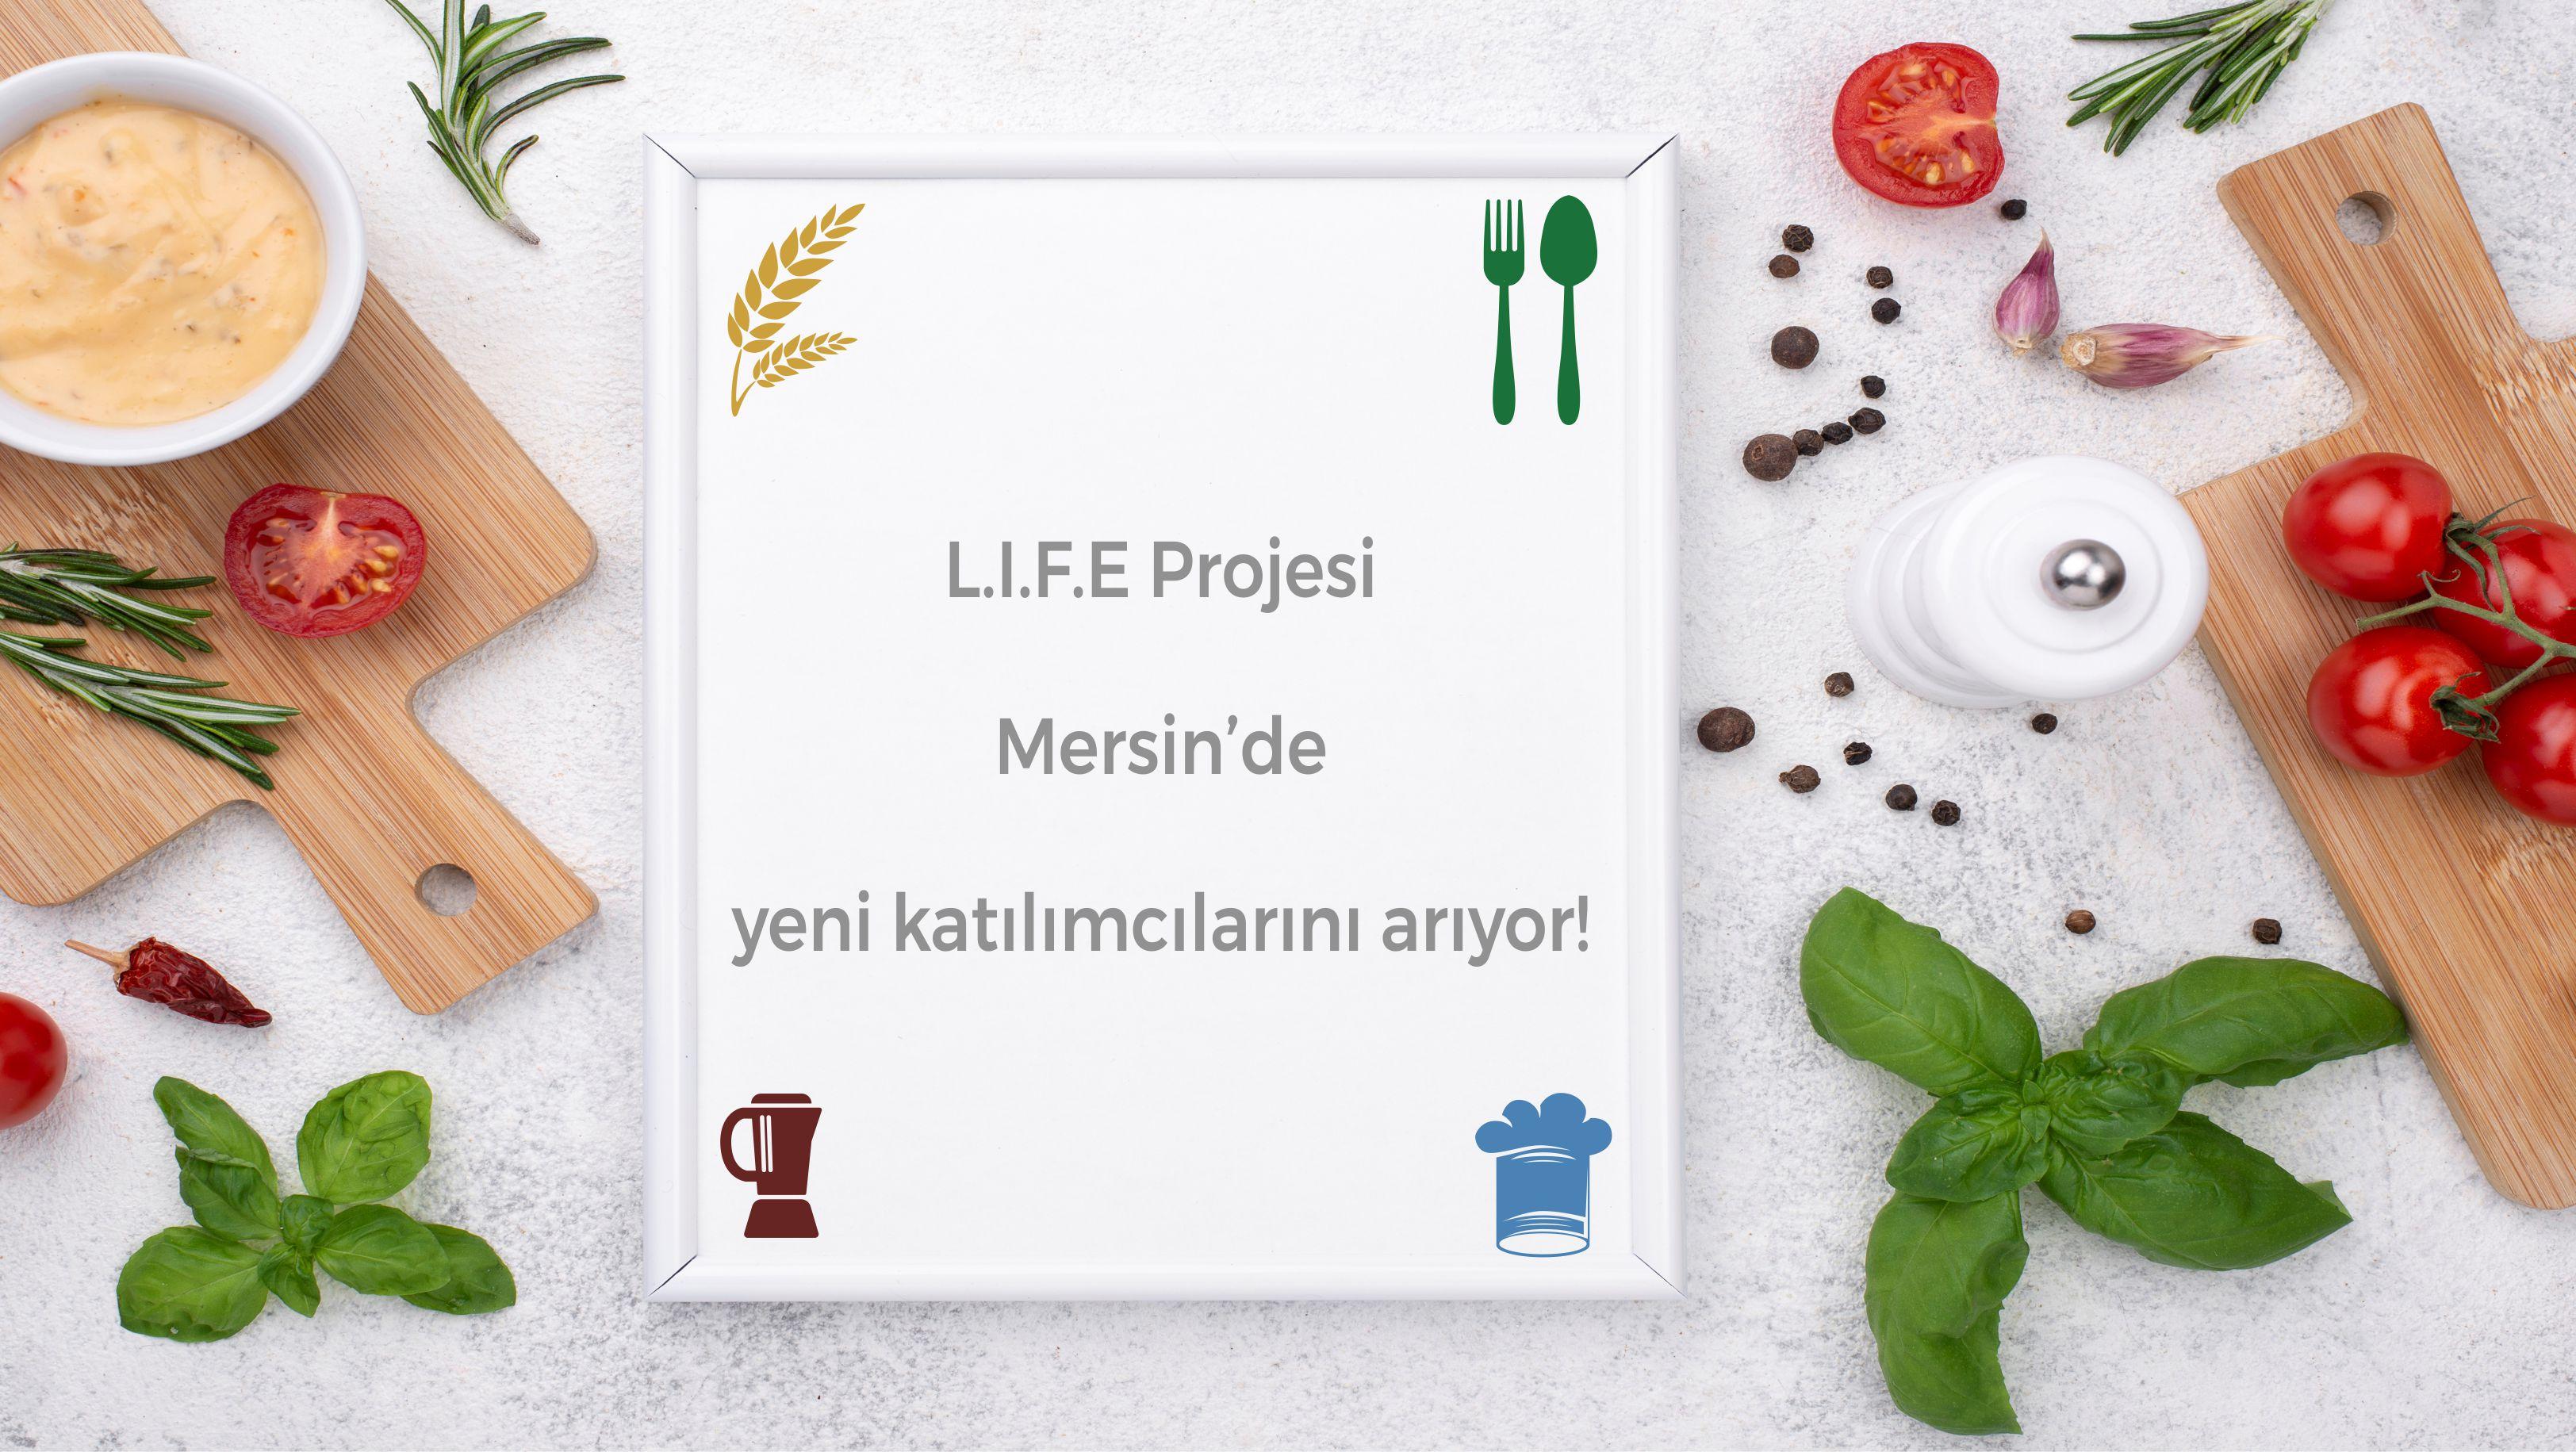 L.I.F.E (Gıda Girişimciliği İle Yenilikçi Geçim Kaynakları) Projesi, Mersin'de yeni dönem katılımcılarını arıyor!